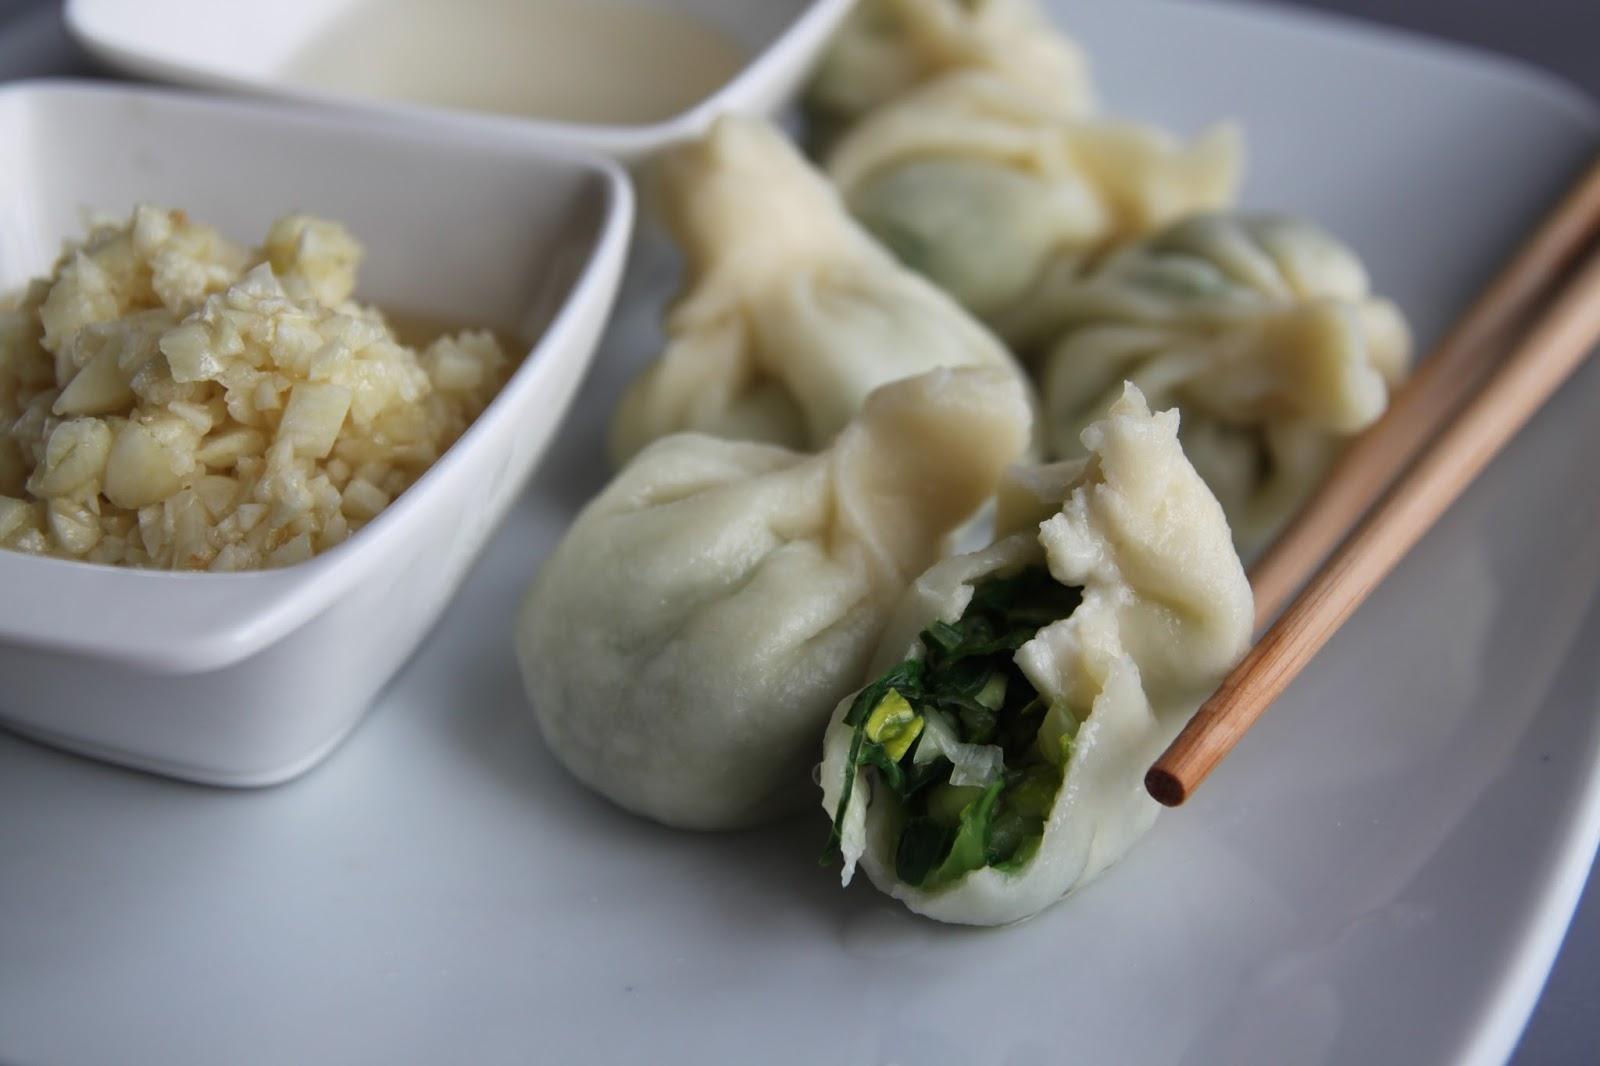 Chińskie pierożki z warzywami (dumplings)